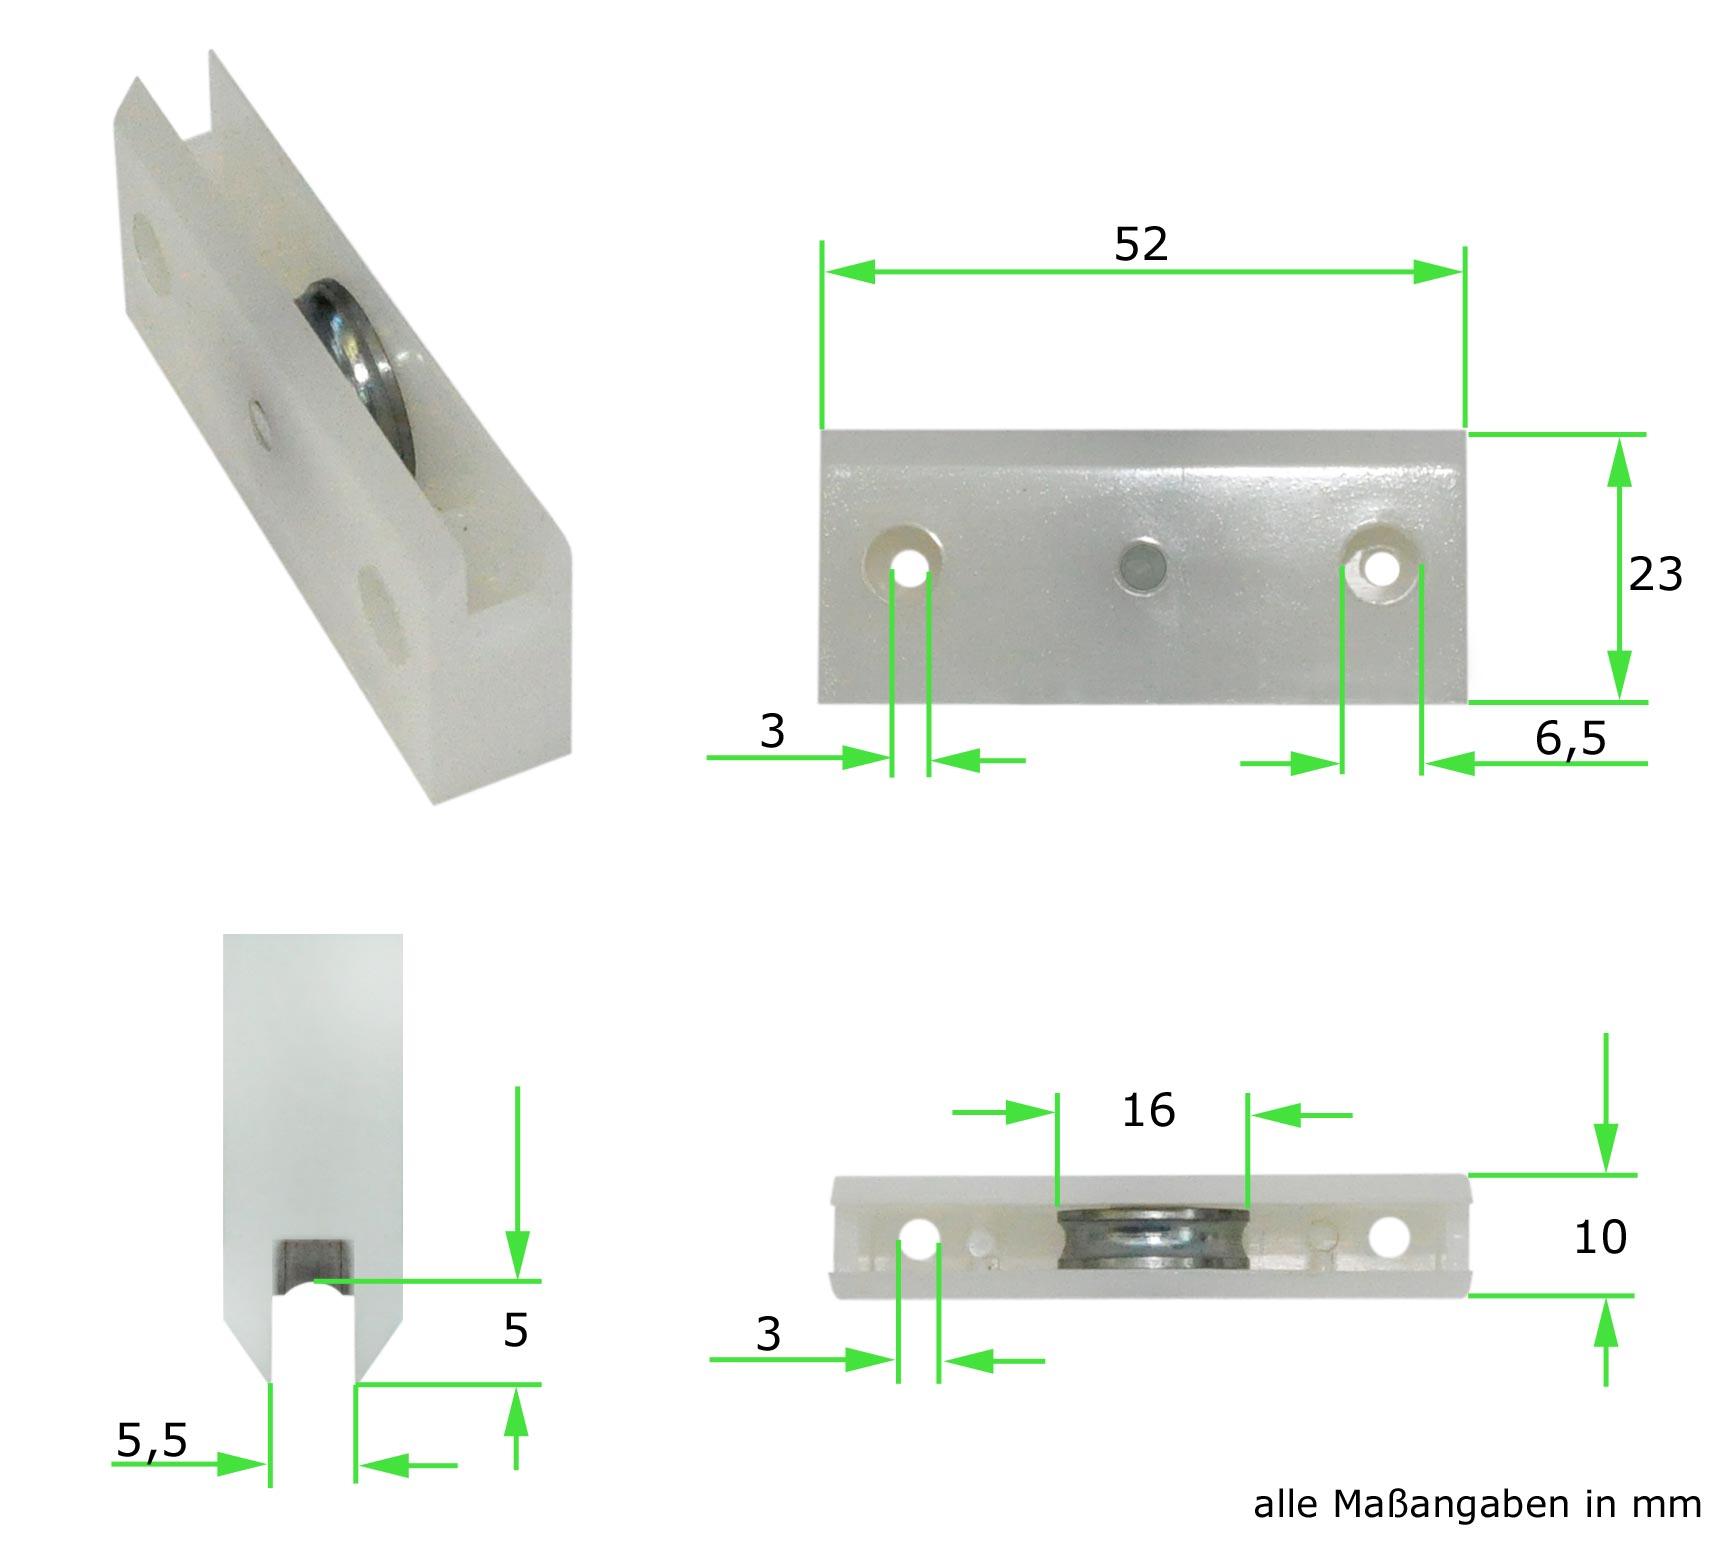 Rouleau pour porte coulissante sur rail au sol meuble - Portes coulissantes sans rail au sol ...